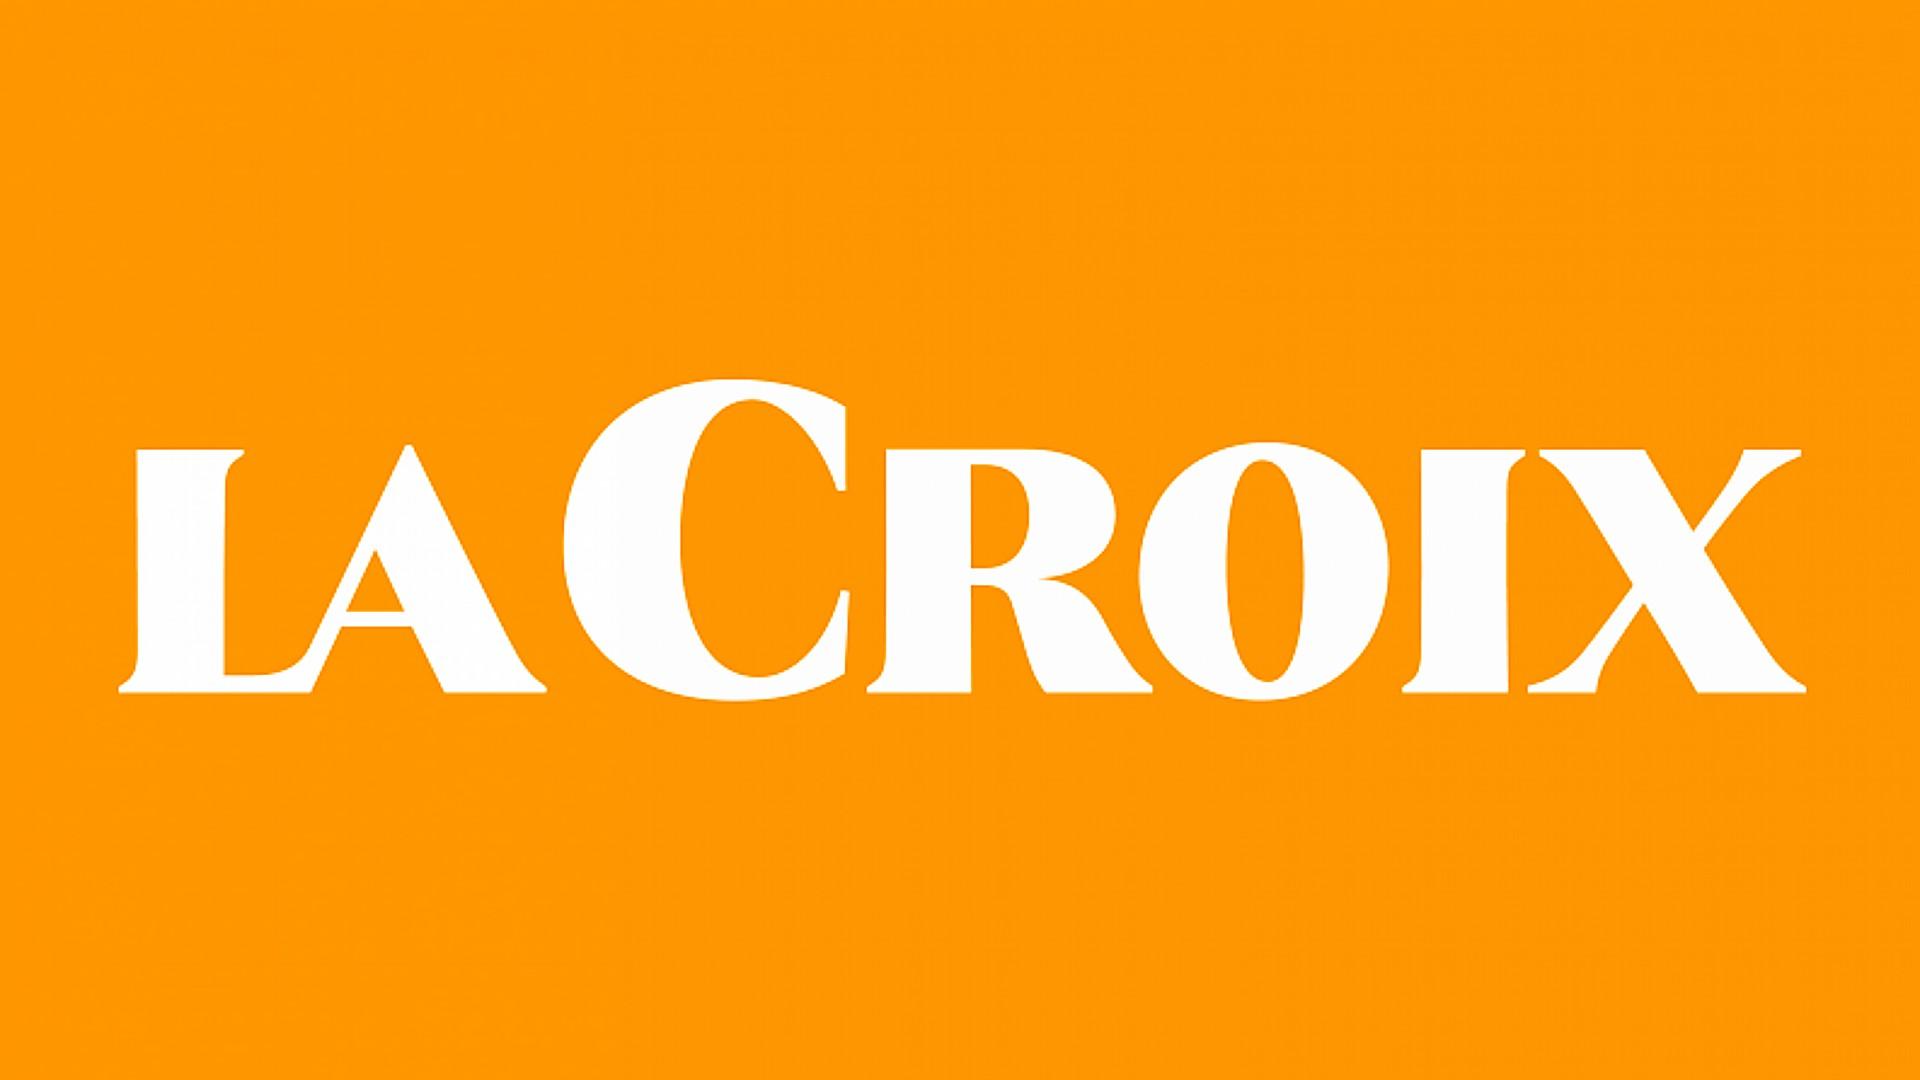 La Croix (1)